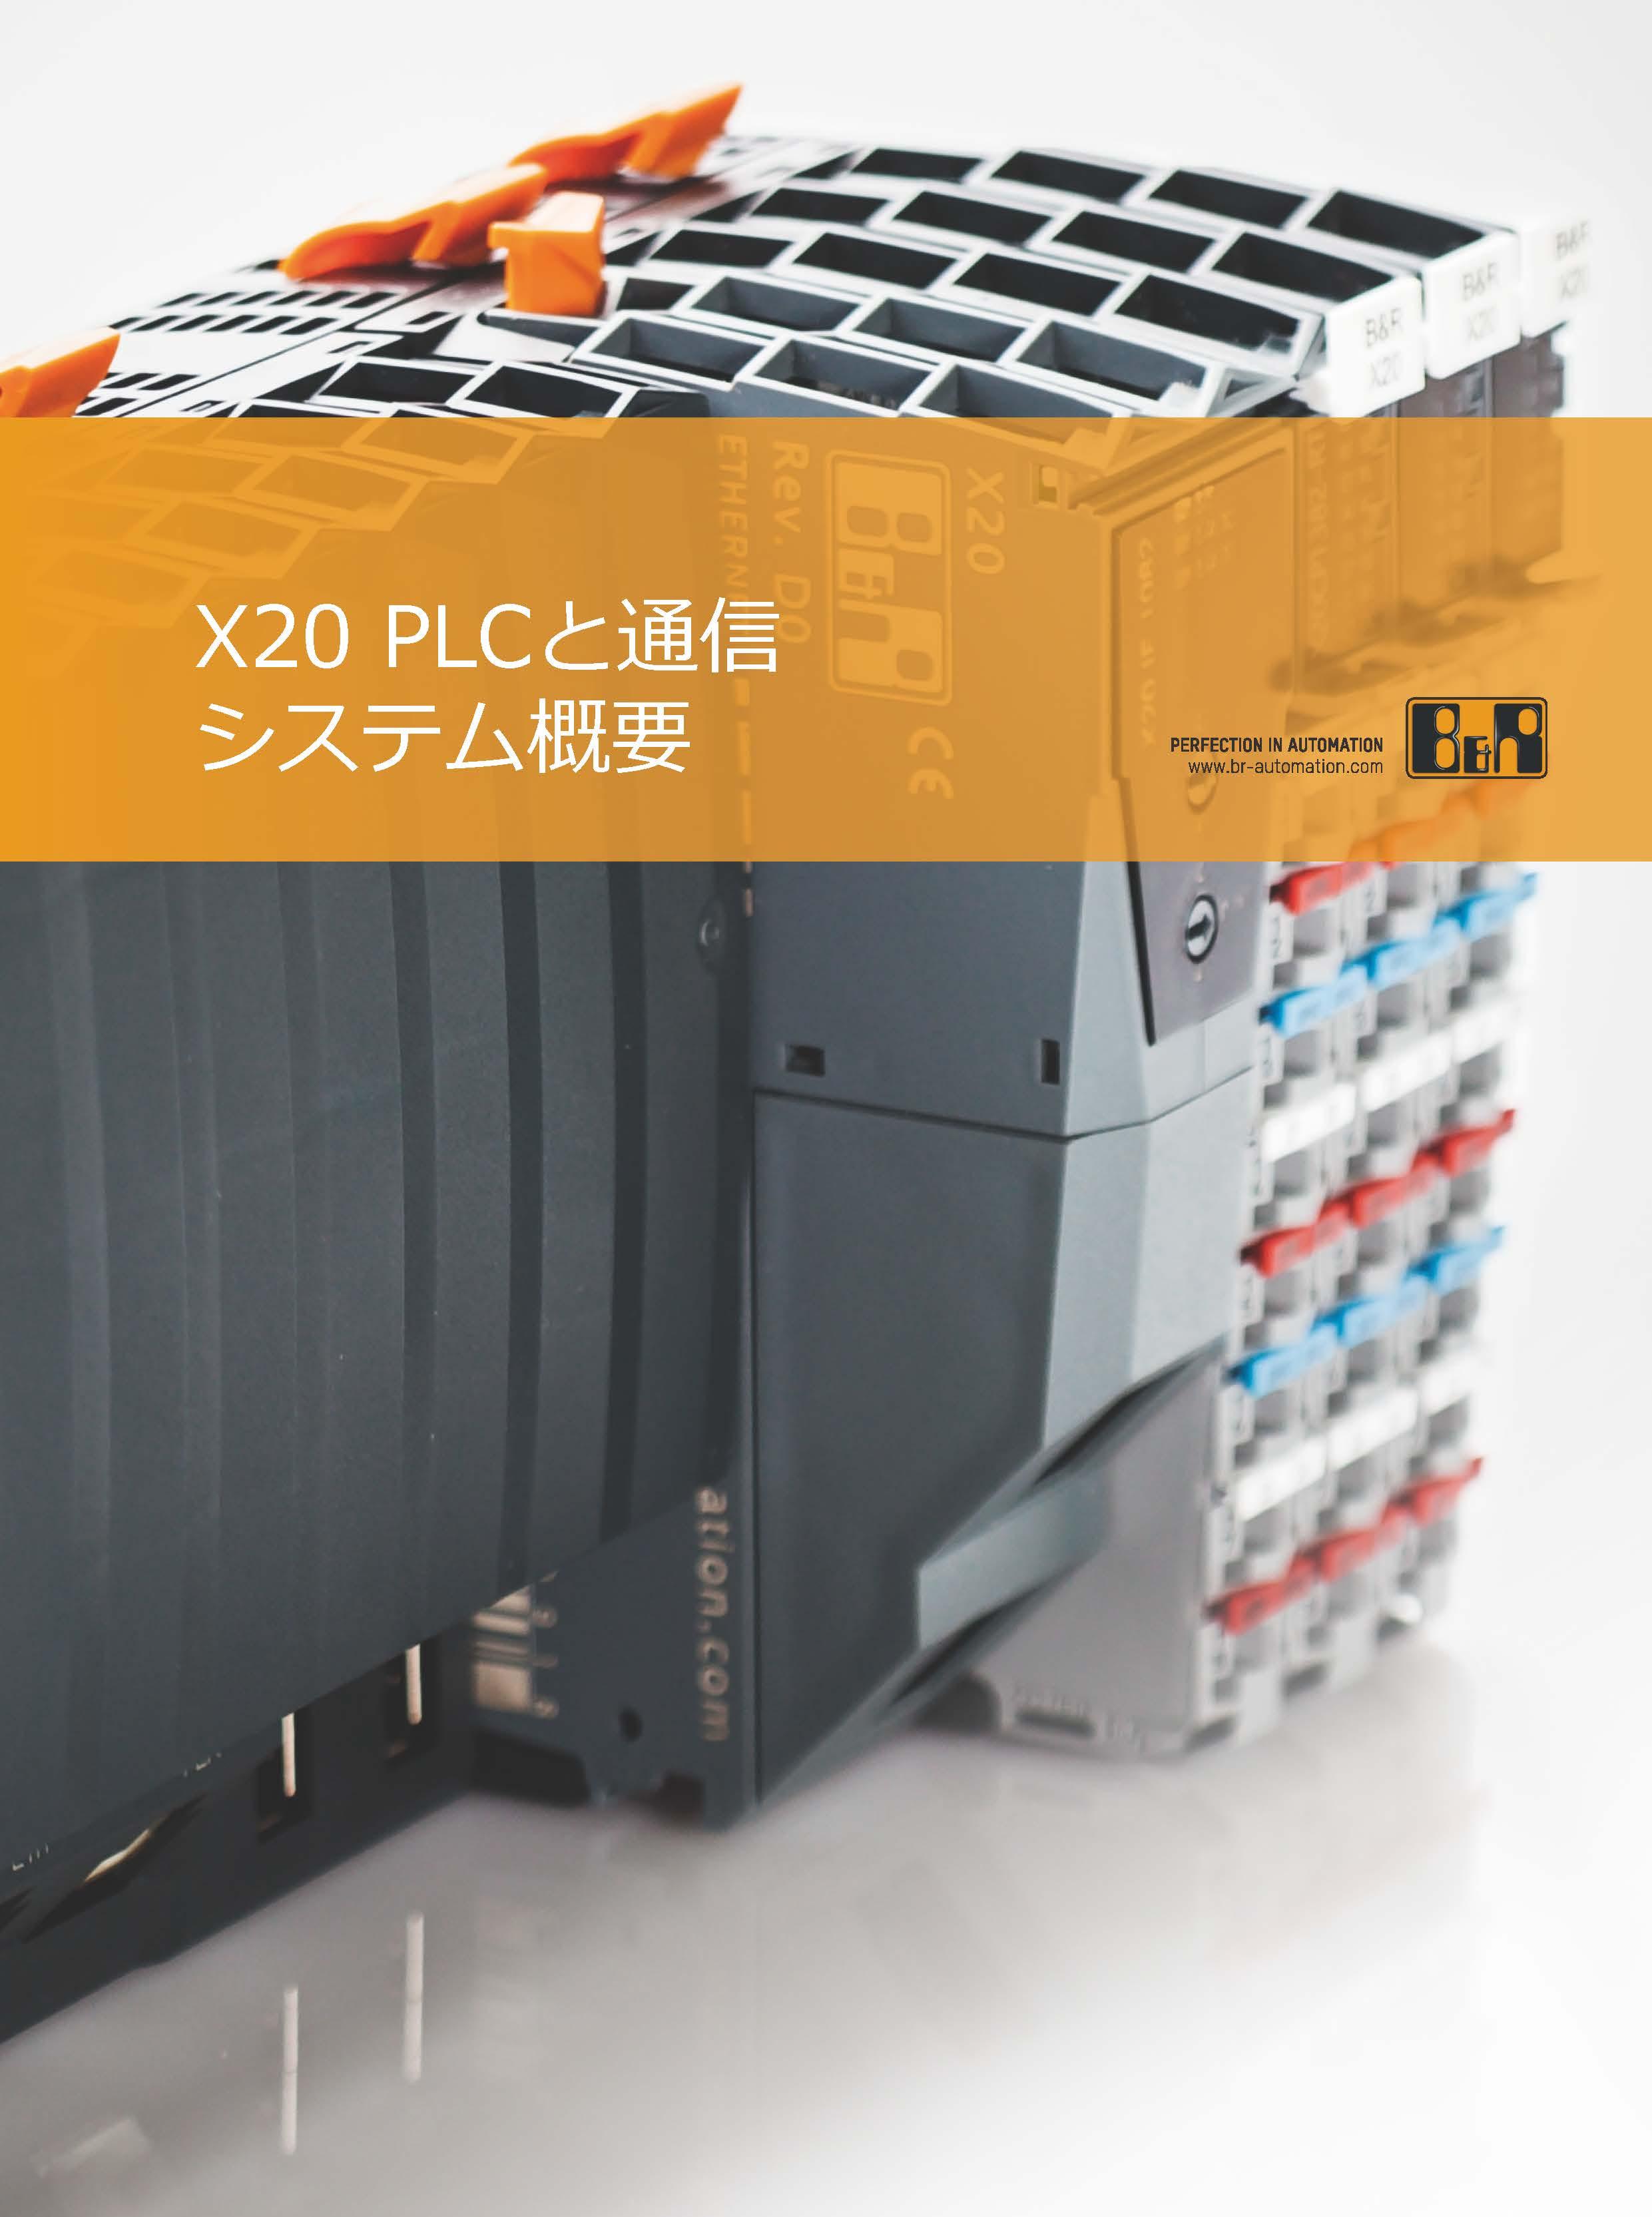 X20 PLCと通信 システム概要(日本語)